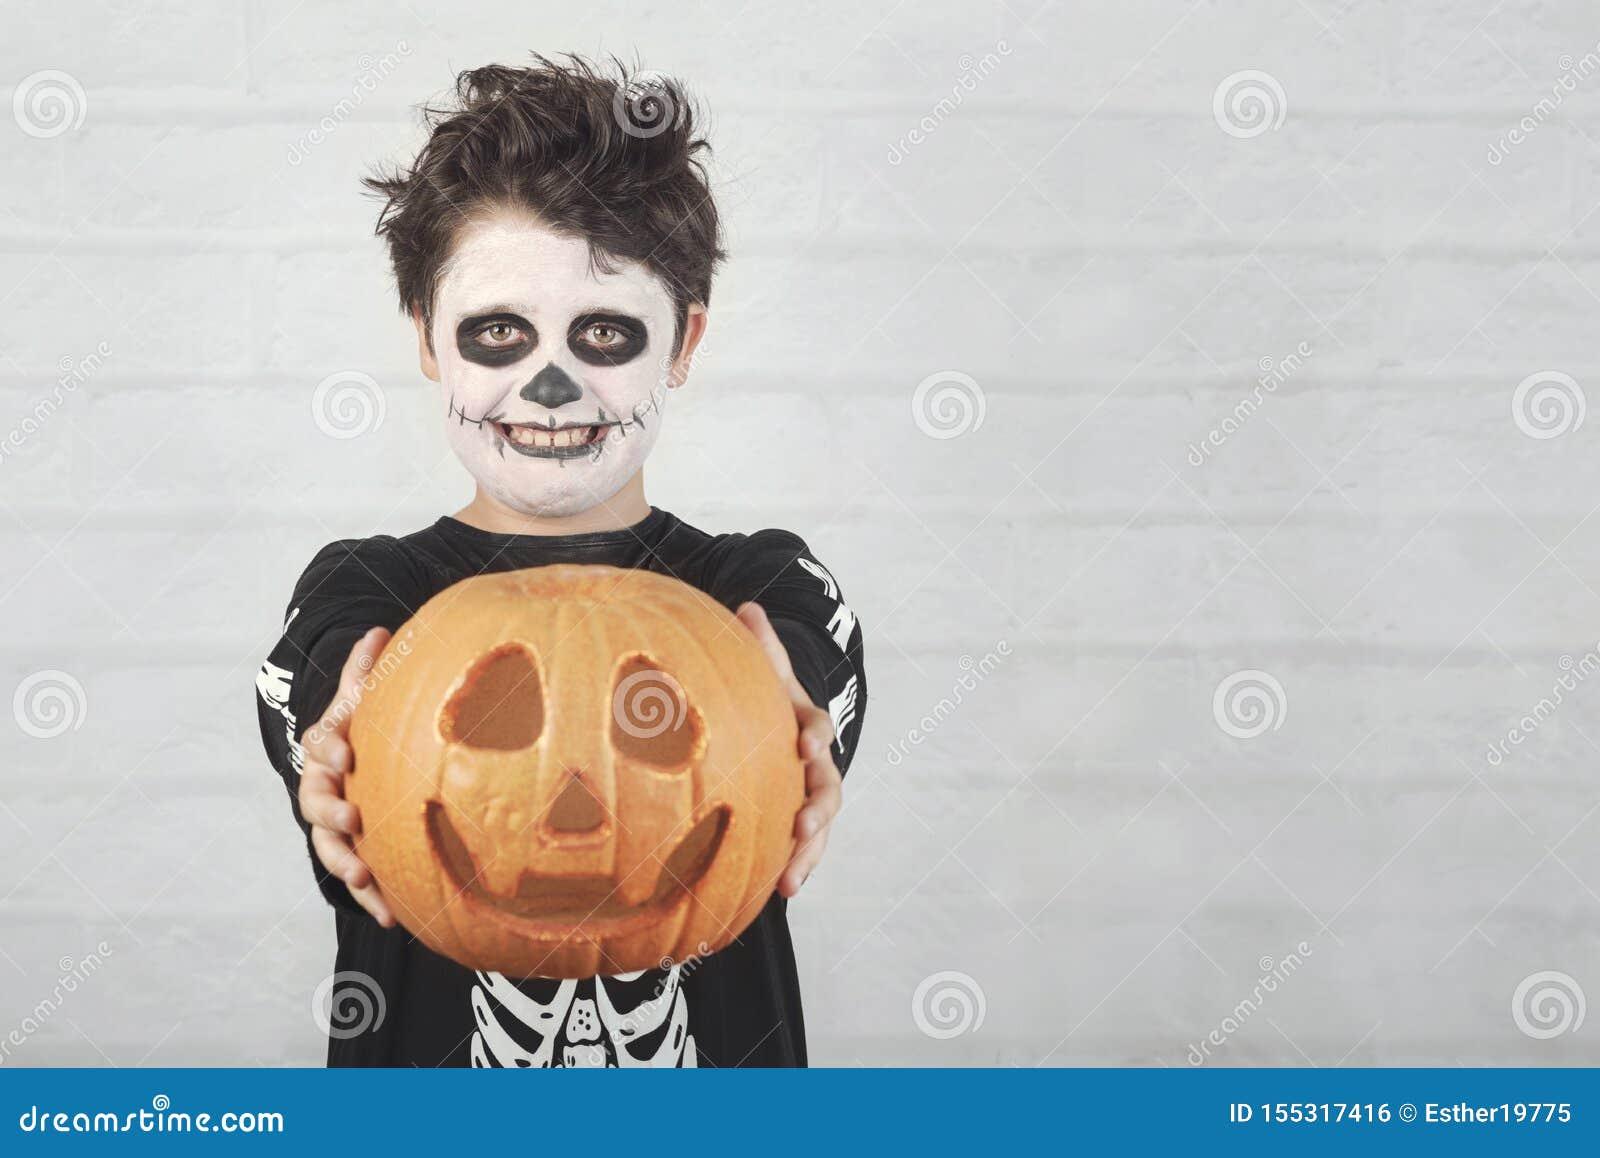 Ευτυχείς αποκριές αστείο παιδί σε ένα κοστούμι σκελετών με την κολοκύθα αποκριών